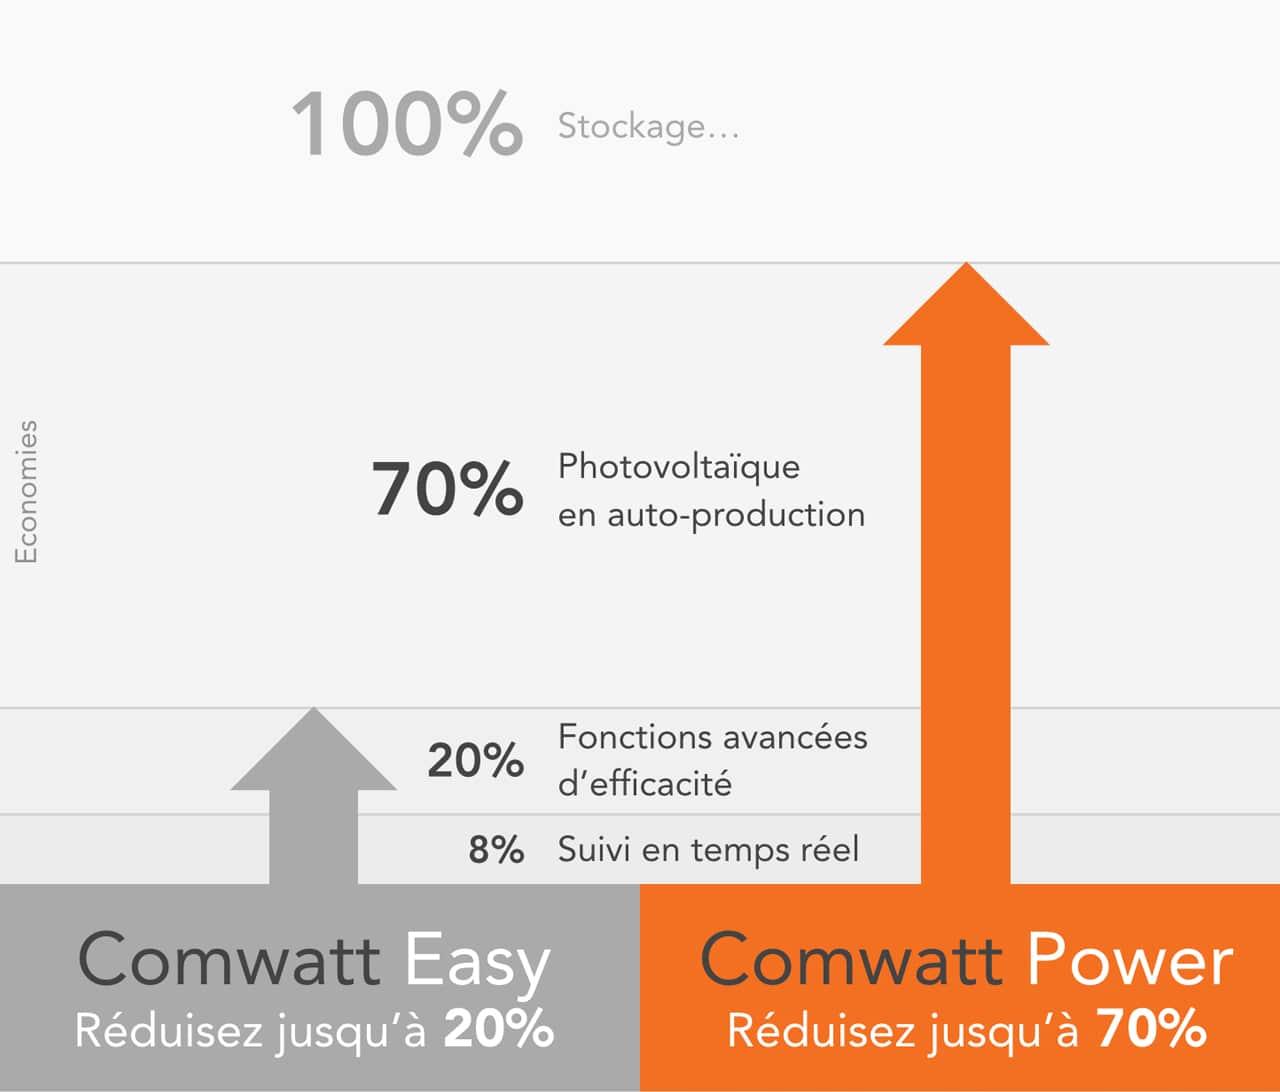 Performance Comwatt Power